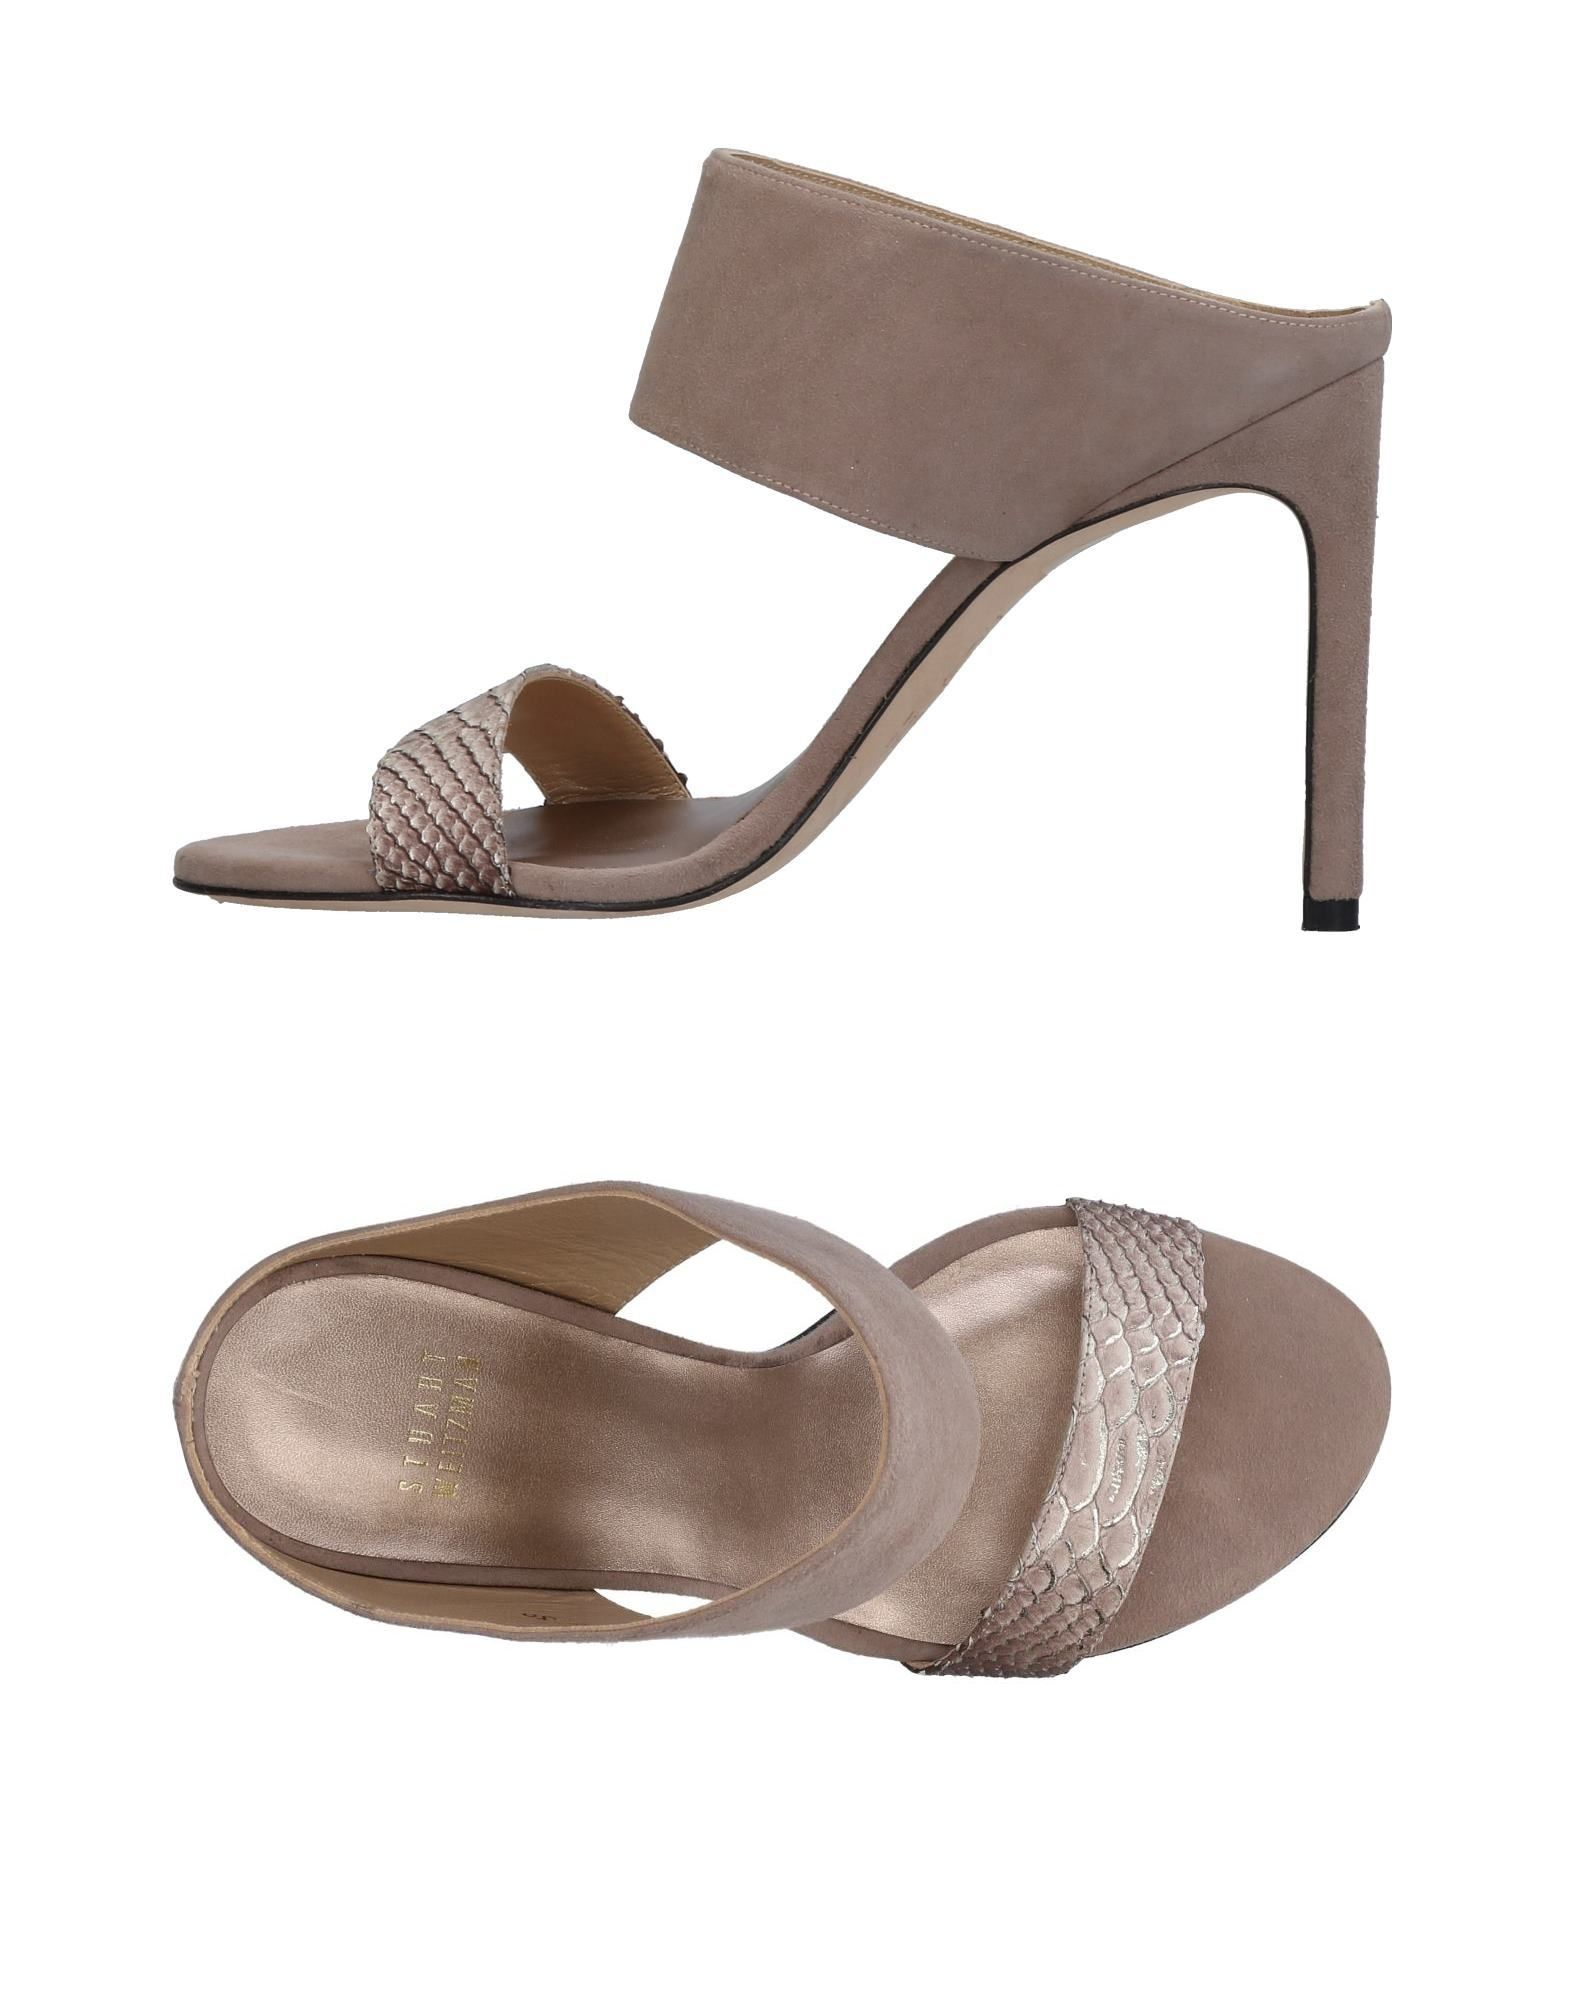 Stuart Weitzman Sandalen Damen  11451434QA Gute Qualität beliebte Schuhe